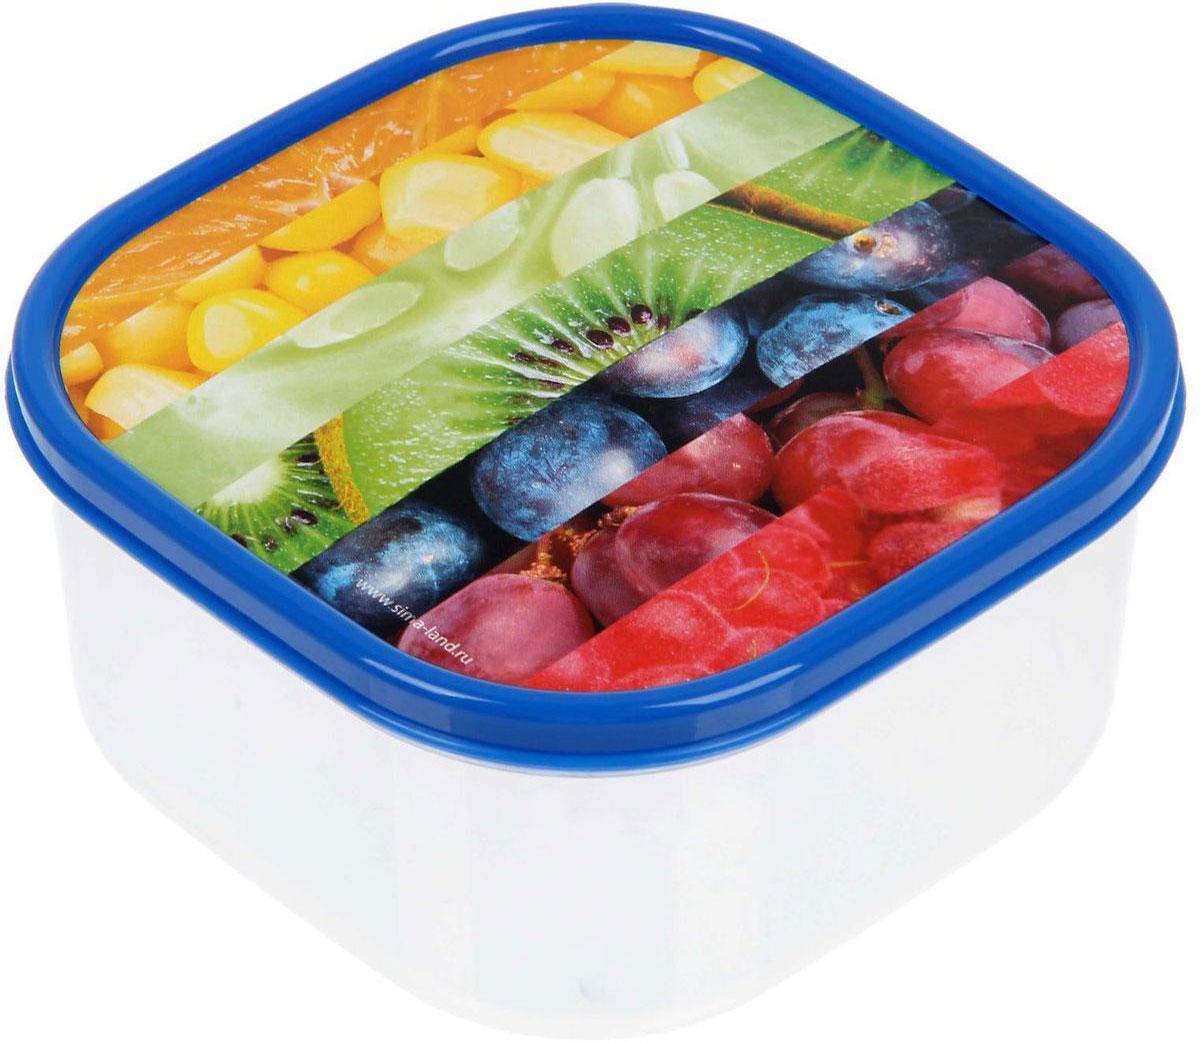 Ланч-бокс Доляна №2, квадратный, 700 млVT-1520(SR)Если после вкусного обеда осталась еда, а насладиться трапезой хочется и на следующий день, ланч-бокс станет отличным решением данной проблемы!Такой контейнер является незаменимым предметом кухонной утвари, ведь у него много преимуществ:Простота ухода. Ланч-бокс достаточно промыть тёплой водой с небольшим количеством чистящего средства, и он снова готов к использованию.Вместительность. Большой выбор форм и объёма поможет разместить разнообразные продукты от сахара до супов.Эргономичность. Ланч-боксы очень легко хранить даже в самой маленькой кухне, так как их можно поставить один в другой по принципу матрёшки.Многофункциональность. Разнообразие цветов и форм делает возможным использование контейнеров не только на кухне, но и в других областях домашнего быта.Любители приготовления обеда на всю семью в большинстве случаев приобретают ланч-боксы наборами, так как это позволяет рассортировать продукты по всевозможным признакам. К тому же контейнеры среднего размера станут незаменимыми помощниками на работе: ведь что может быть приятнее, чем порадовать себя во время обеда прекрасной едой, заботливо сохранённой в контейнере?В качестве материала для изготовления используется пластик, что делает процесс ухода за контейнером ещё более эффективным. К каждому ланч-боксу в комплекте также прилагается крышка подходящего размера, это позволяет плотно и надёжно удерживать запах еды и упрощает процесс транспортировки.Однако рекомендуется соблюдать и меры предосторожности: не использовать пластиковые контейнеры в духовых шкафах и на открытом огне, а также не разогревать в микроволновых печах при закрытой крышке ланч-бокса. Соблюдение мер безопасности позволит продлить срок эксплуатации и сохранить отличный внешний вид изделия.Эргономичный дизайн и многофункциональность таких контейнеров — вот, что является причиной большой популярности данного предмета у каждой хозяйки. А в преддверии лета и дачного сезона такое приобретение позволит